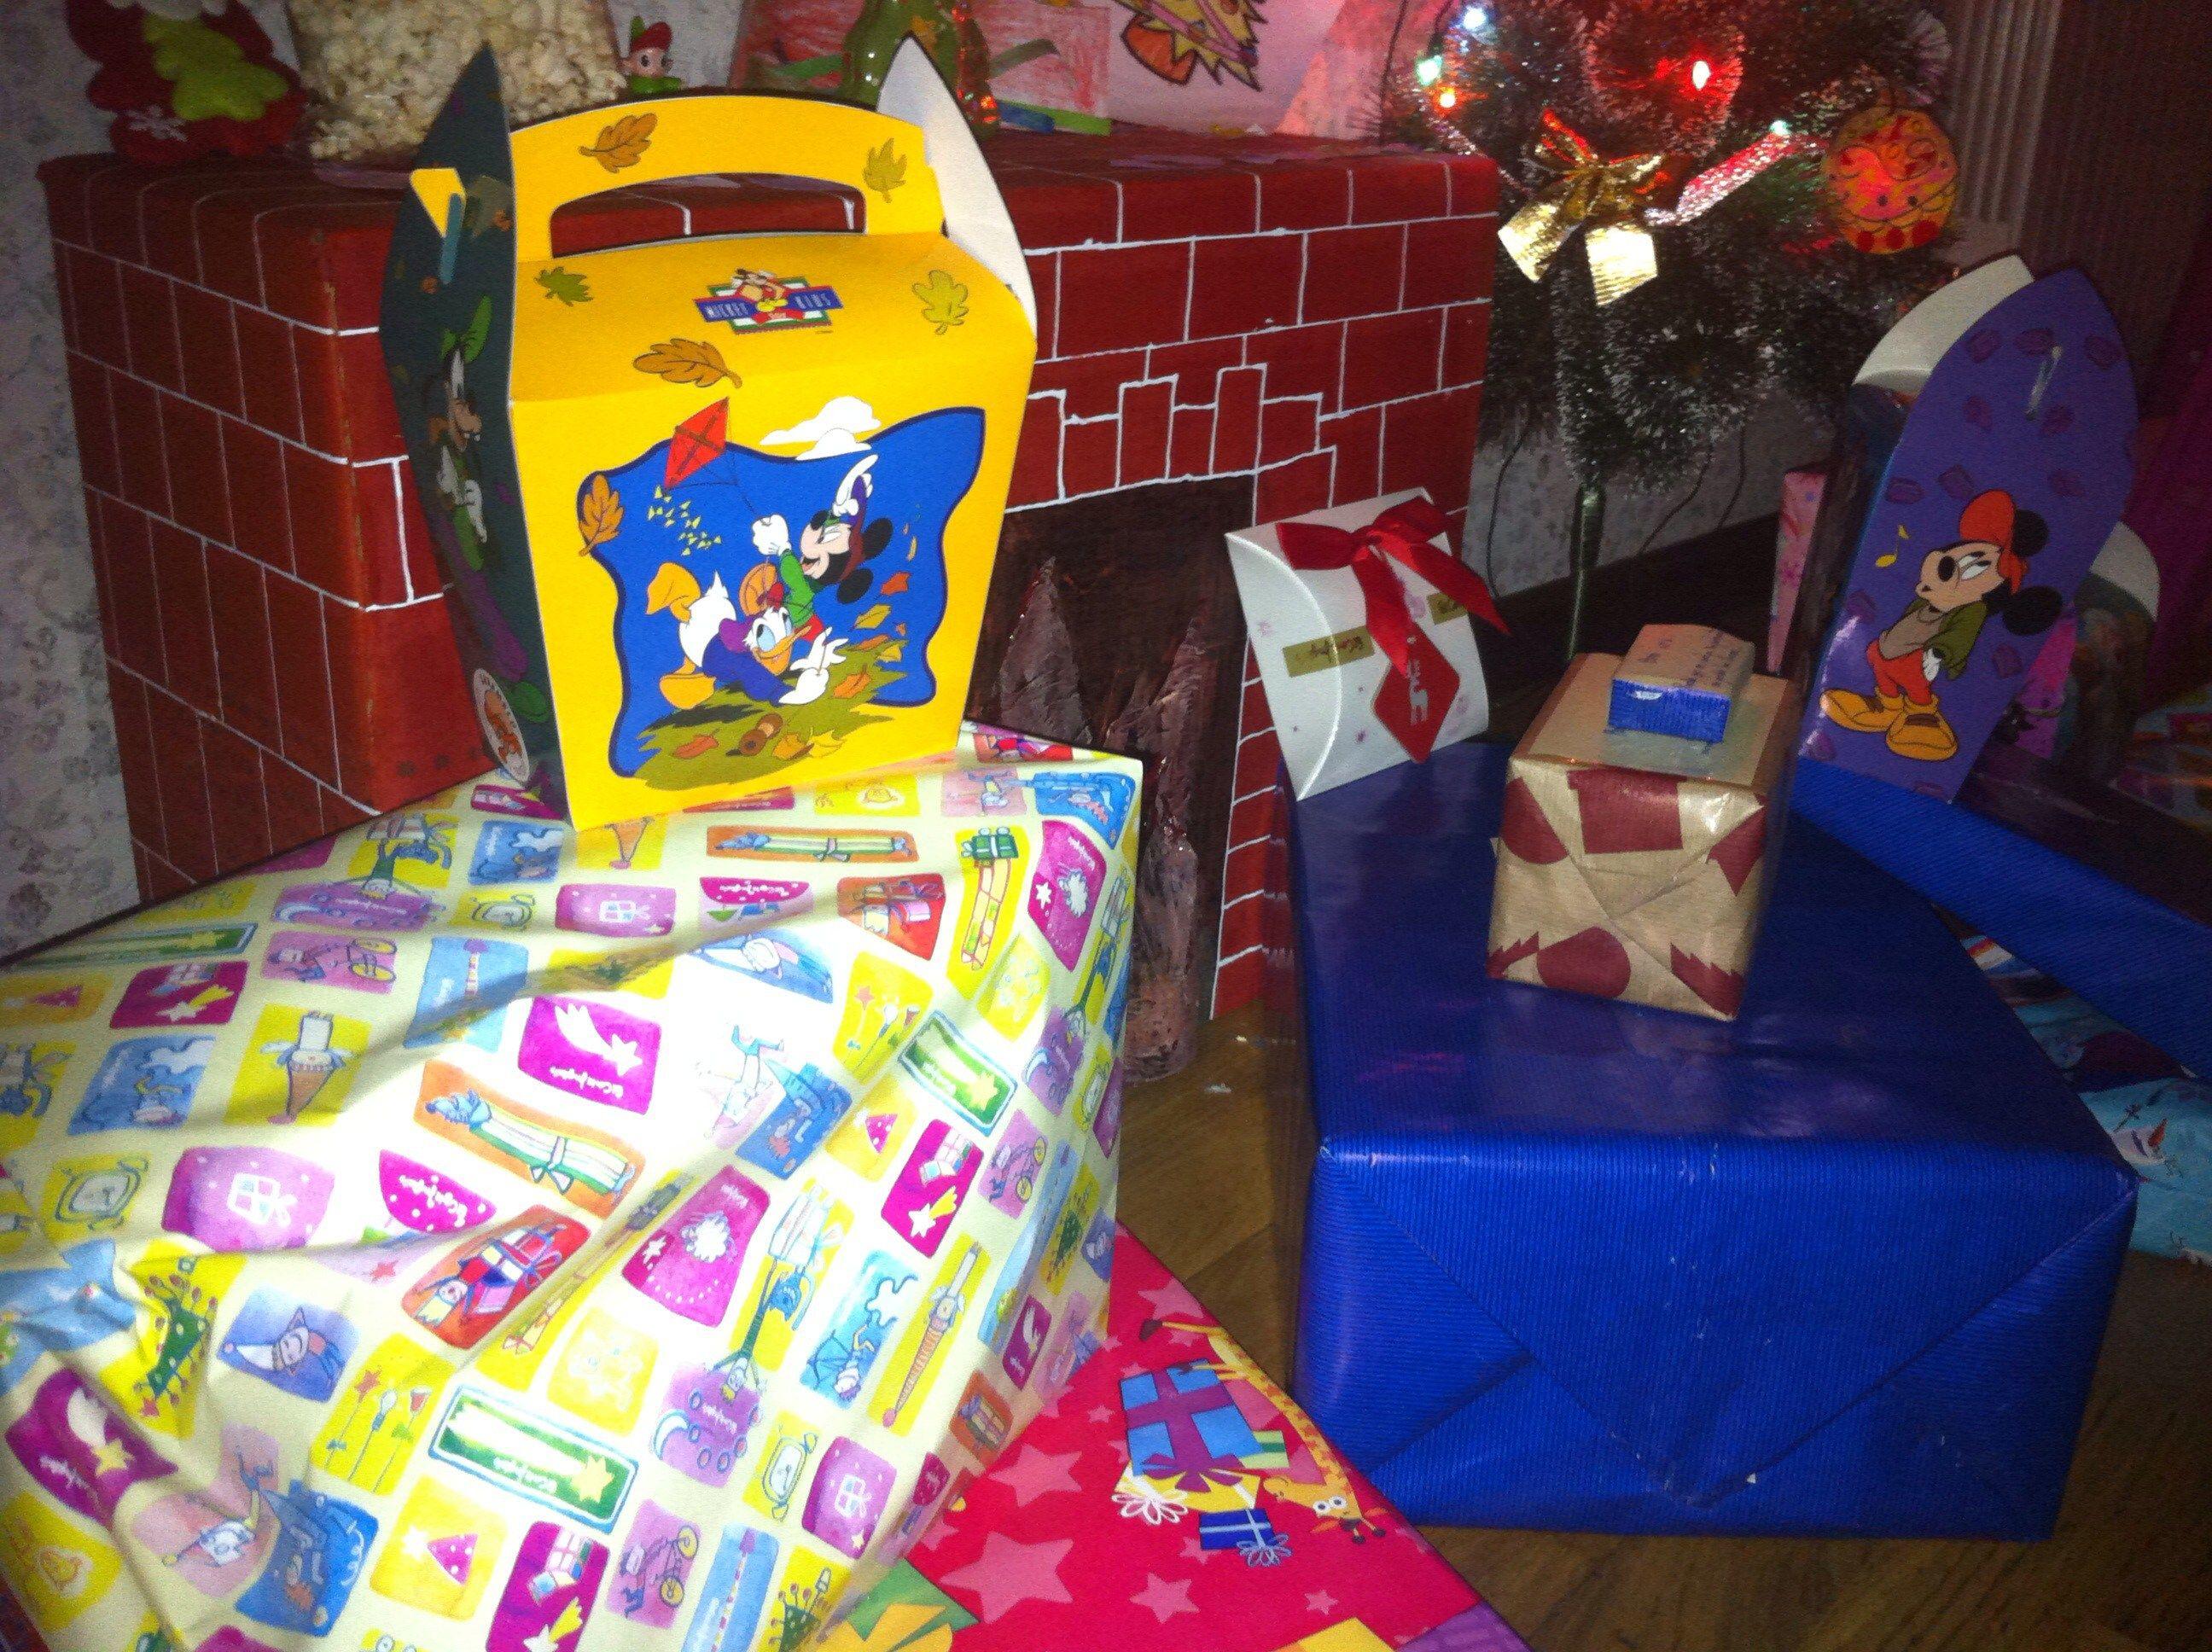 Todo en uno: chimenea navideña, baúl de juguetes y mesa de juegos